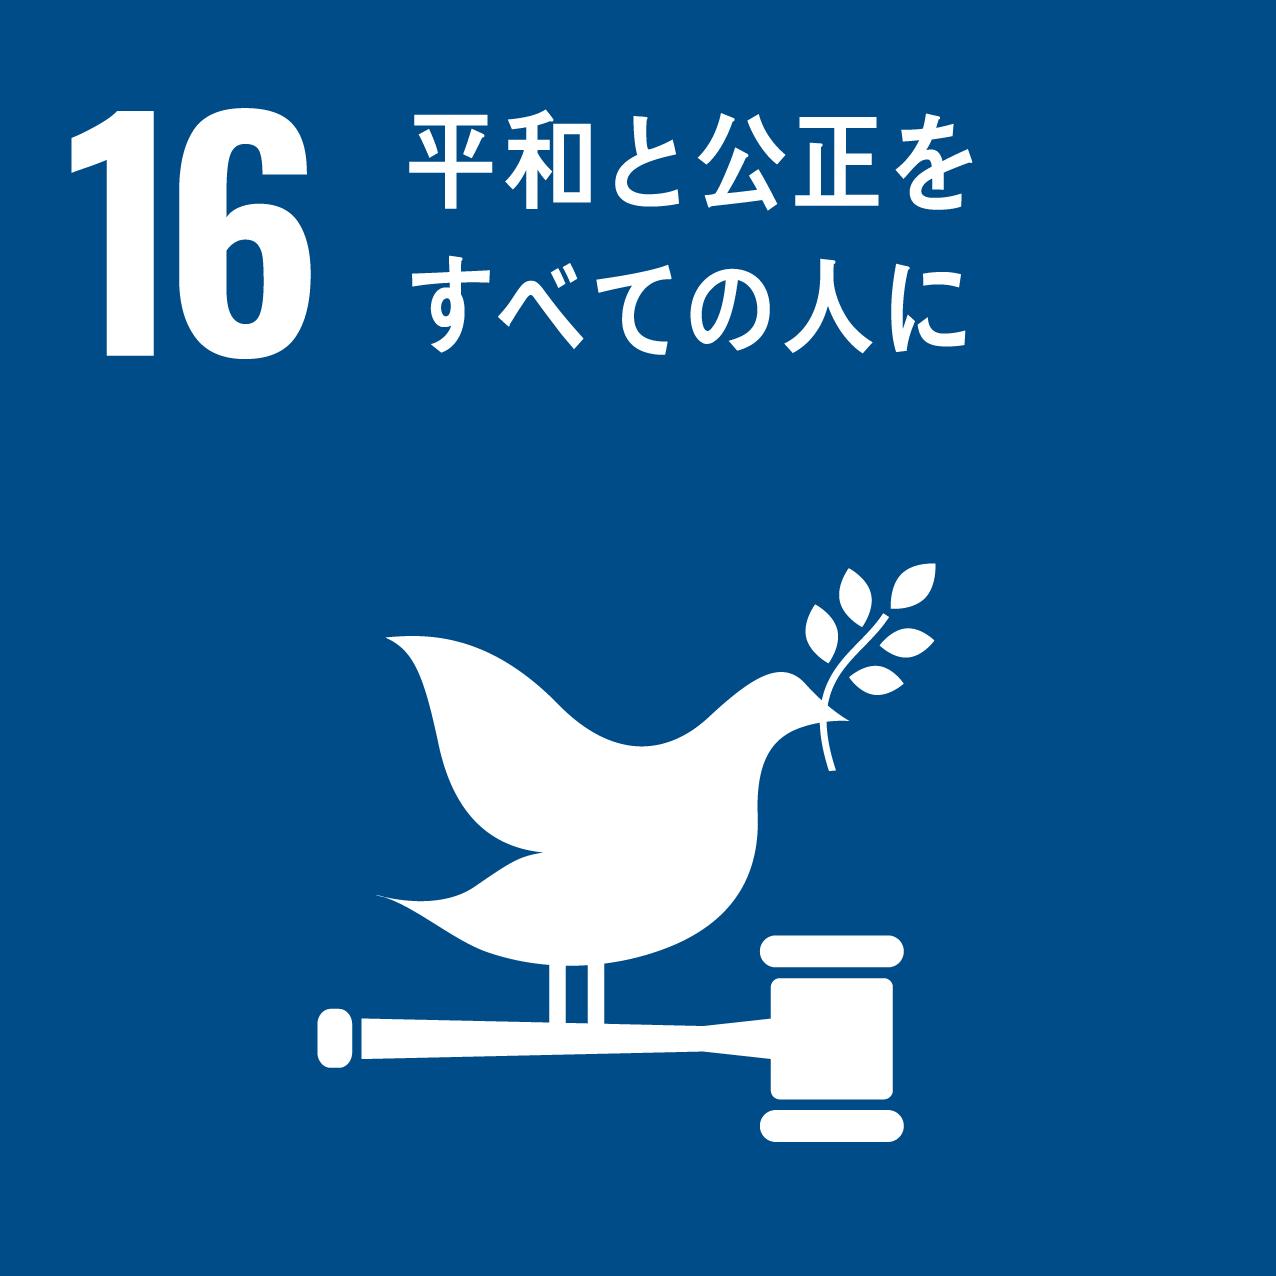 16 「平和と公正をすべての人に」のロゴ画像